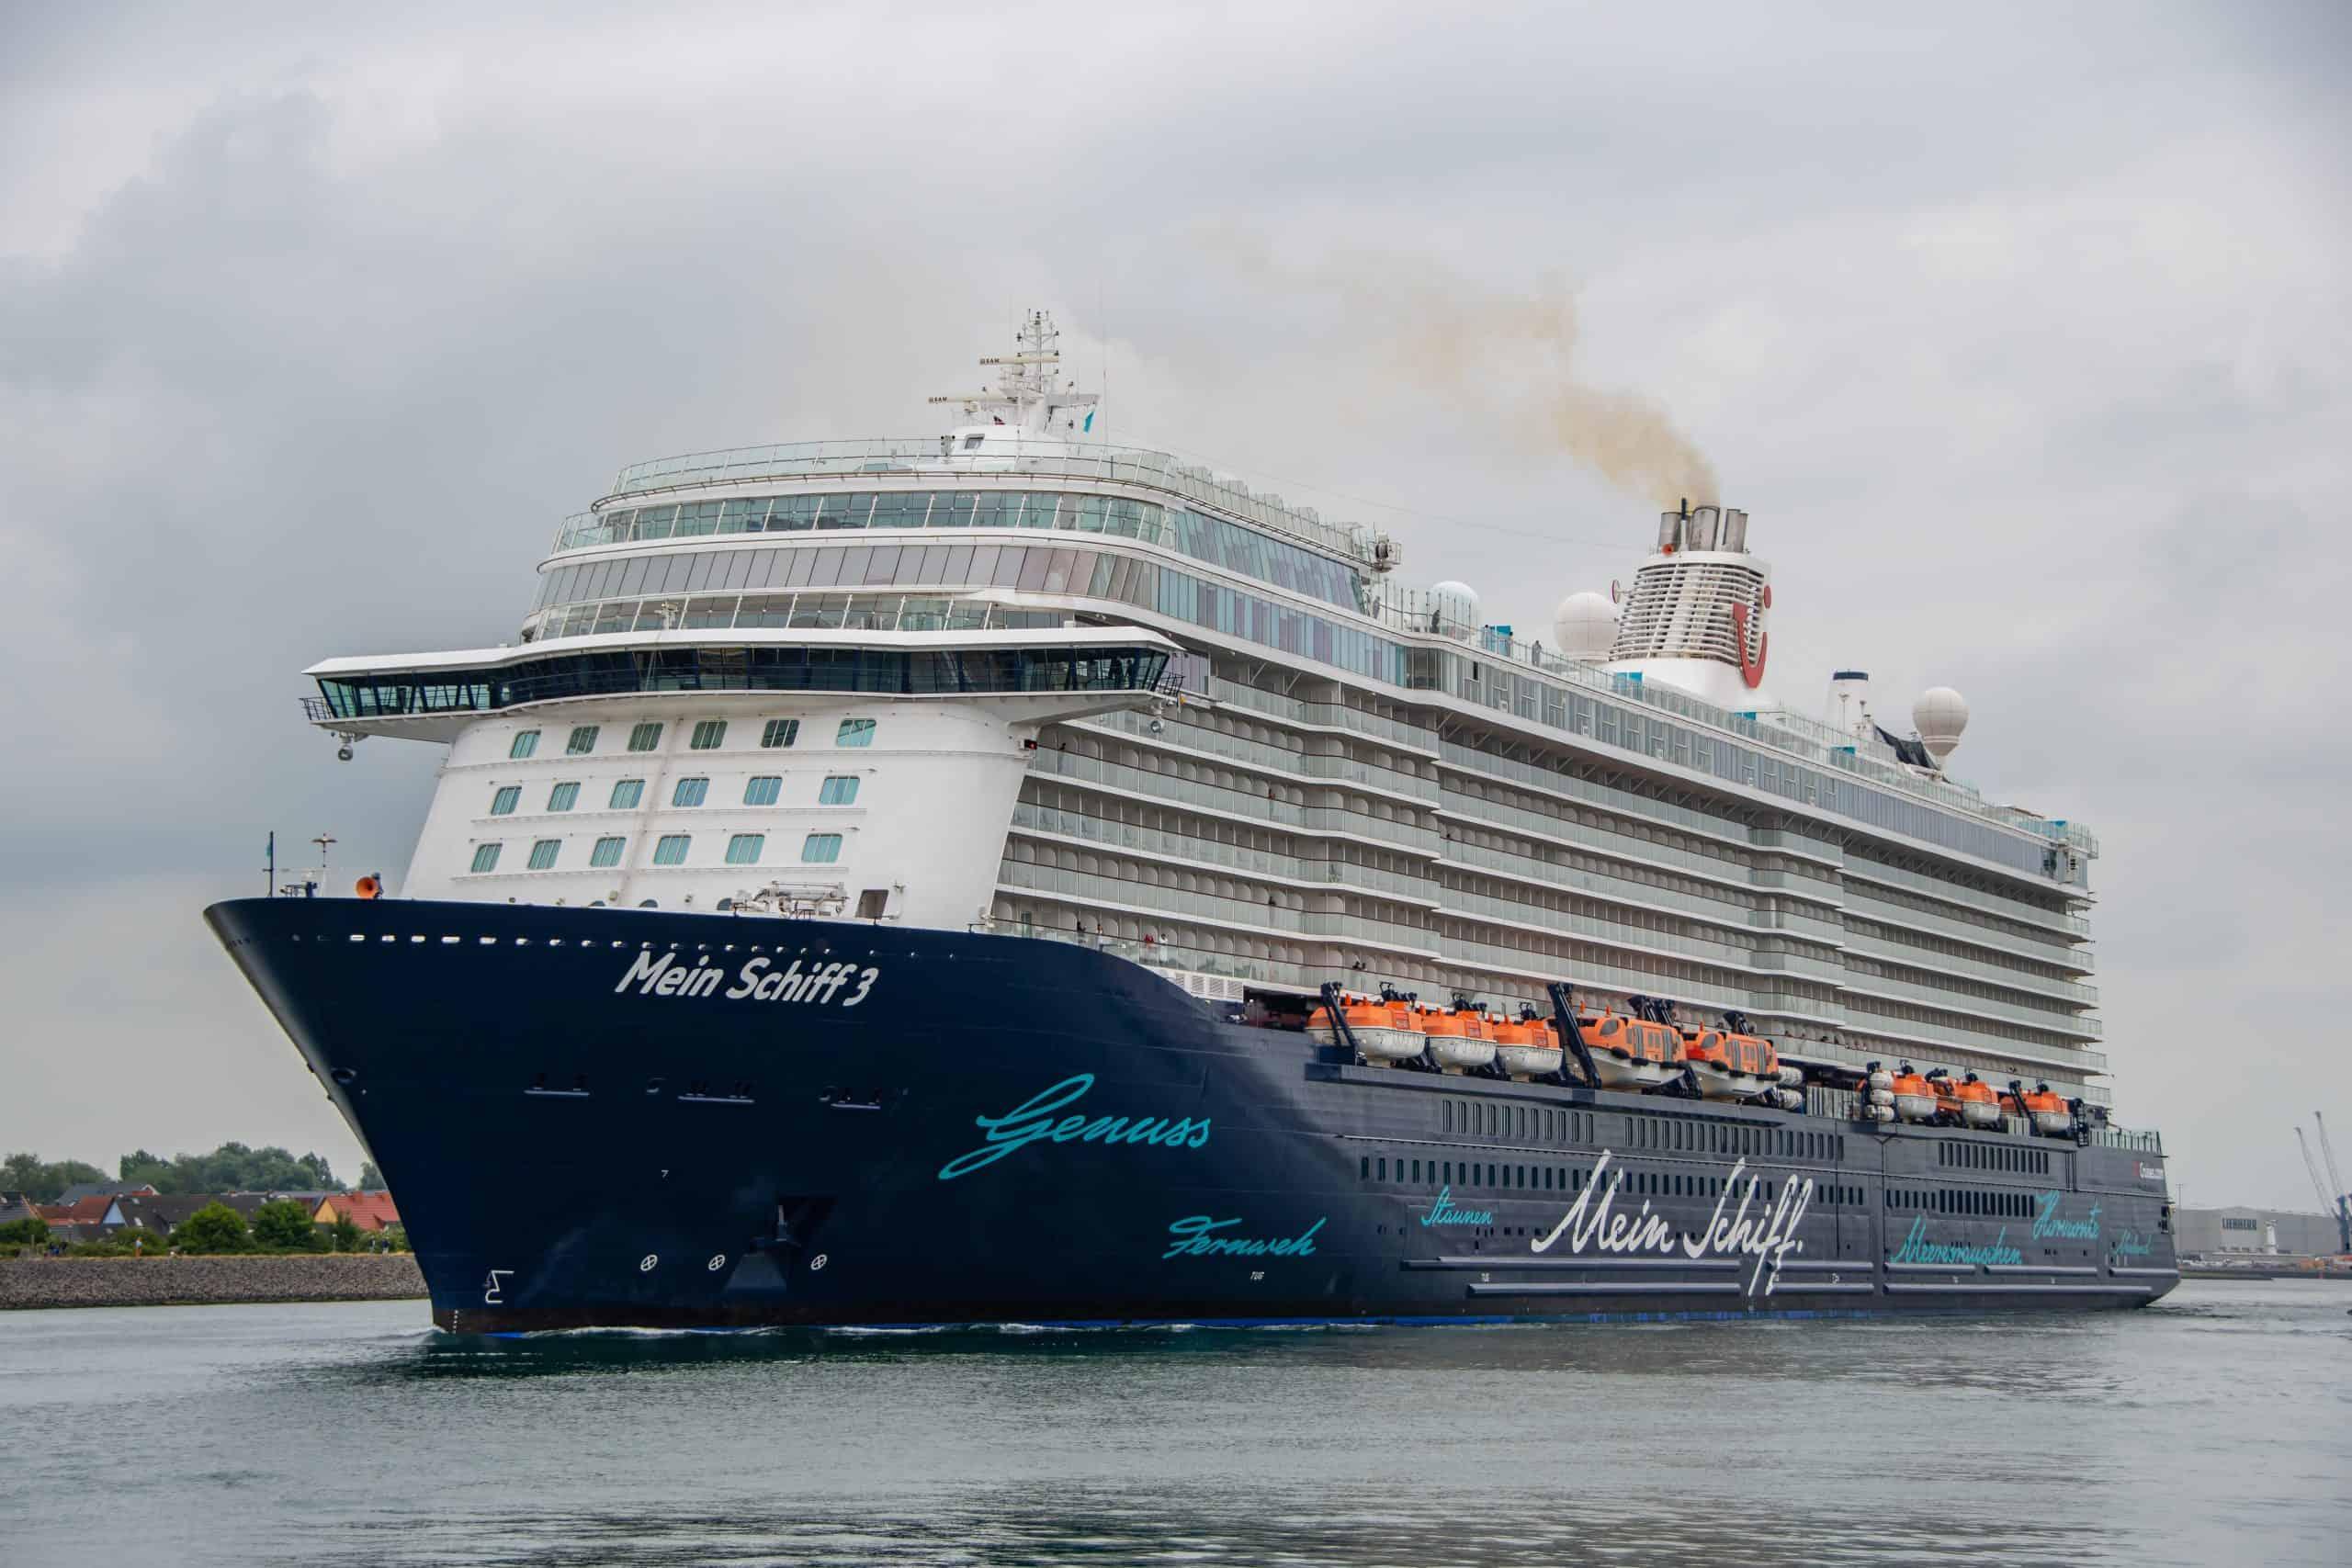 Schiff von TUI Cruises